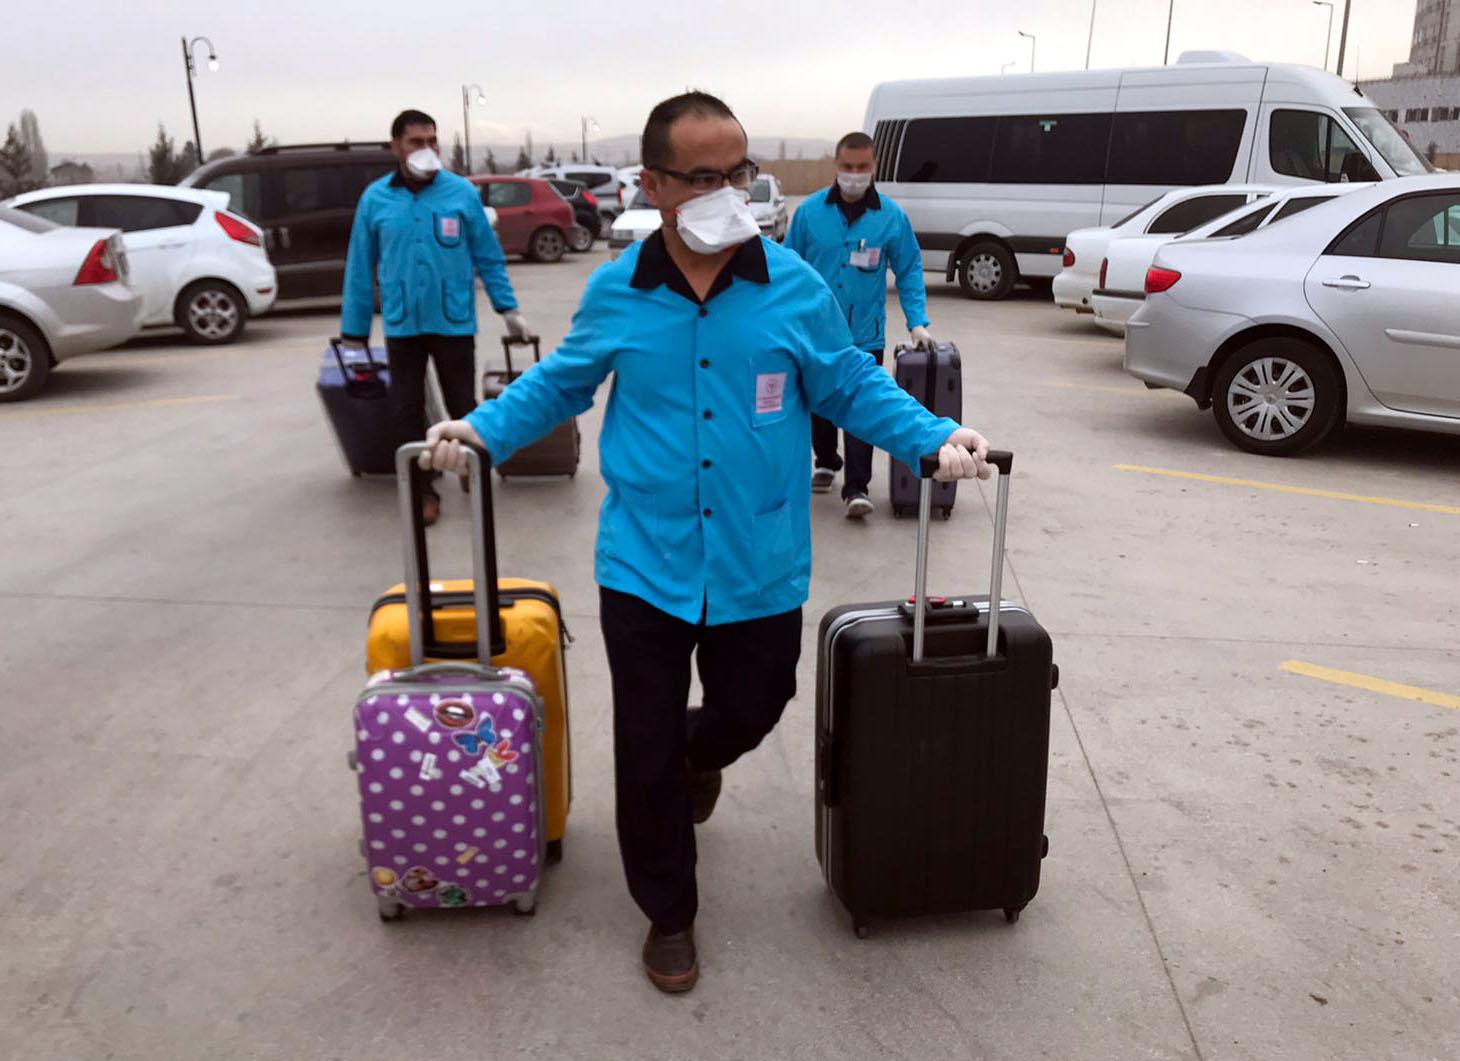 10'u Çinli 12 Kişinin Tedavisi Sürüyor